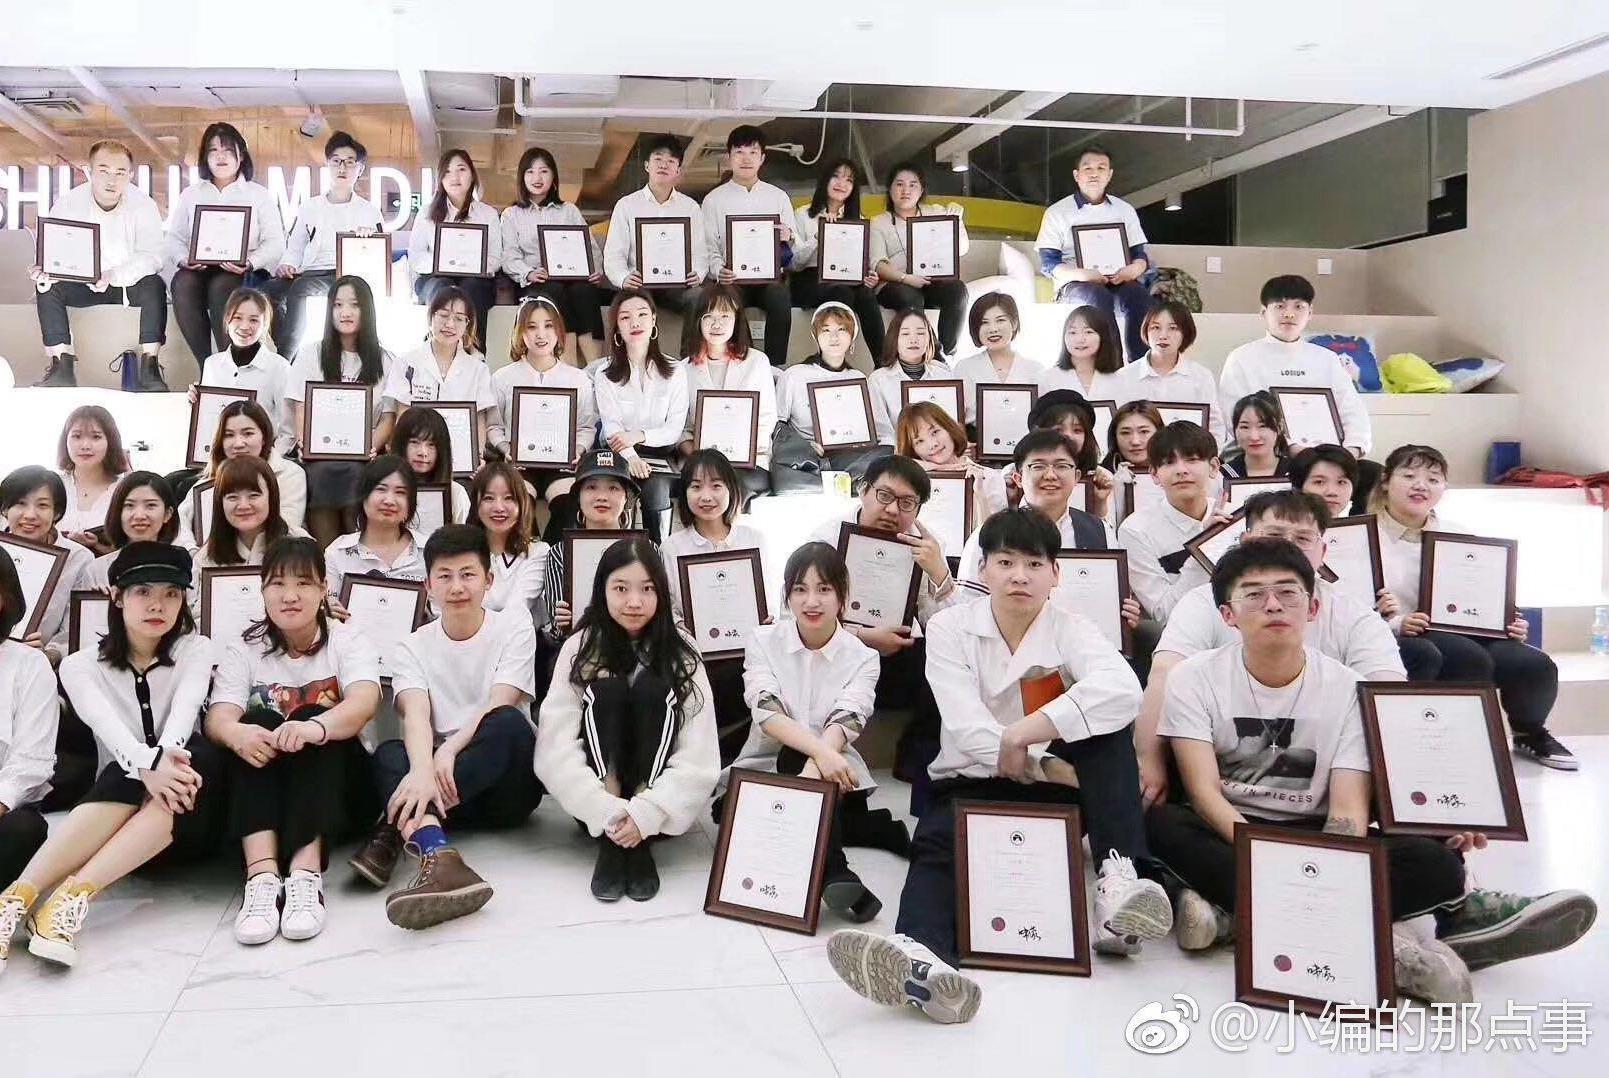 """咪蒙公司正式解散,给员工颁发特殊""""毕业证""""(图)"""